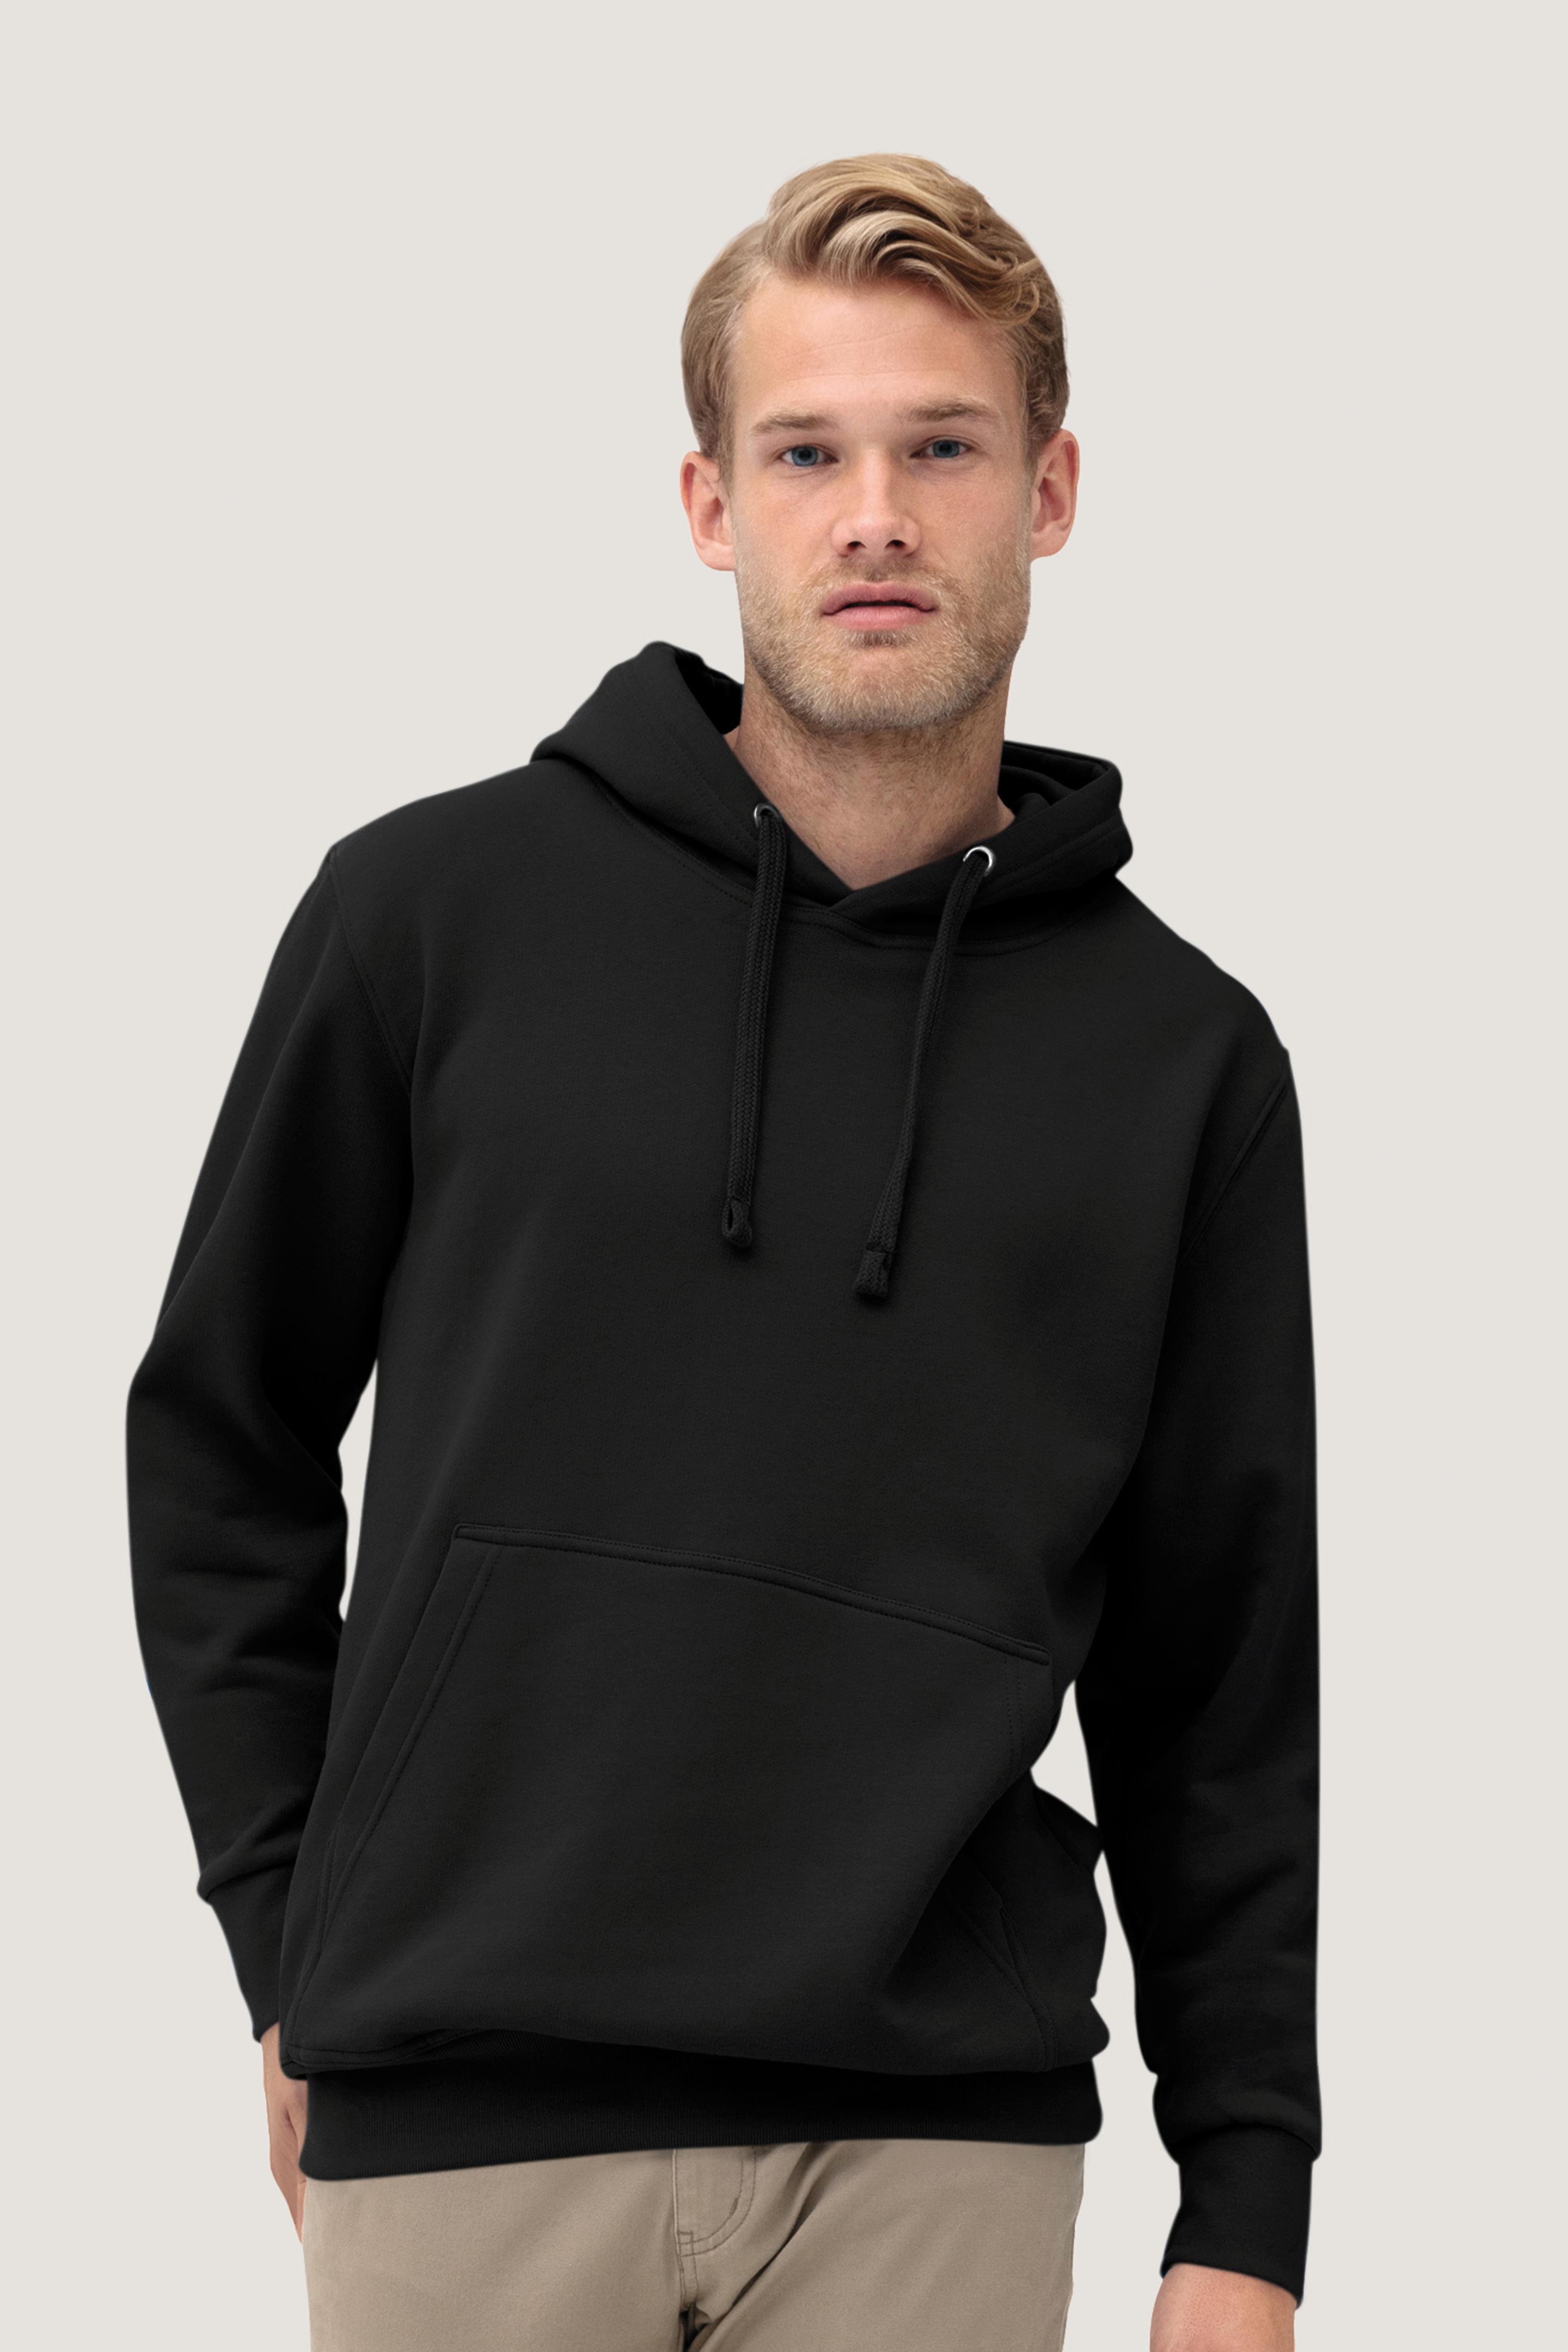 HAKRO Kaputzen-Sweatshirt Premium No.601